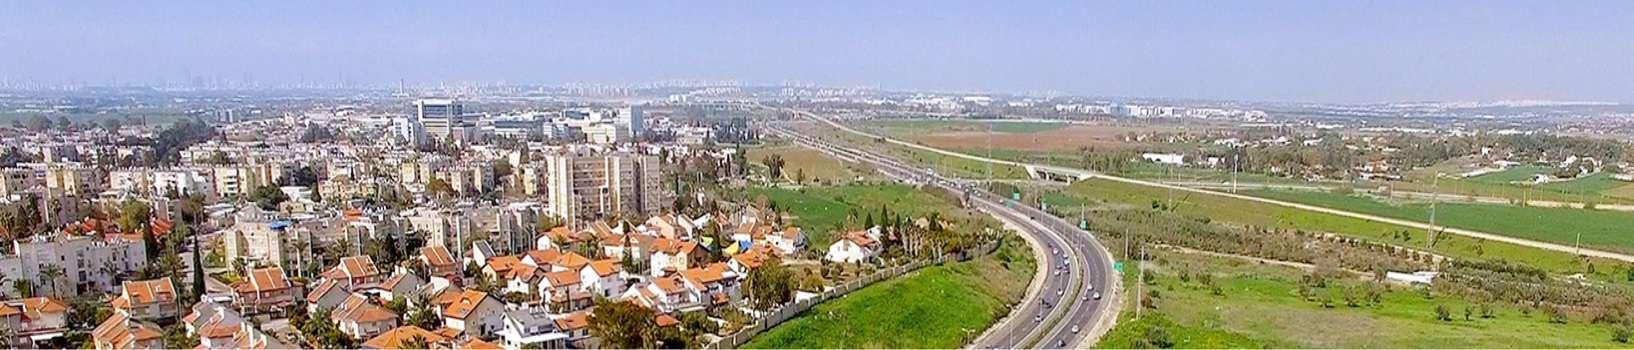 העיר לוד. מתוך אתר האינטרנט של העיר